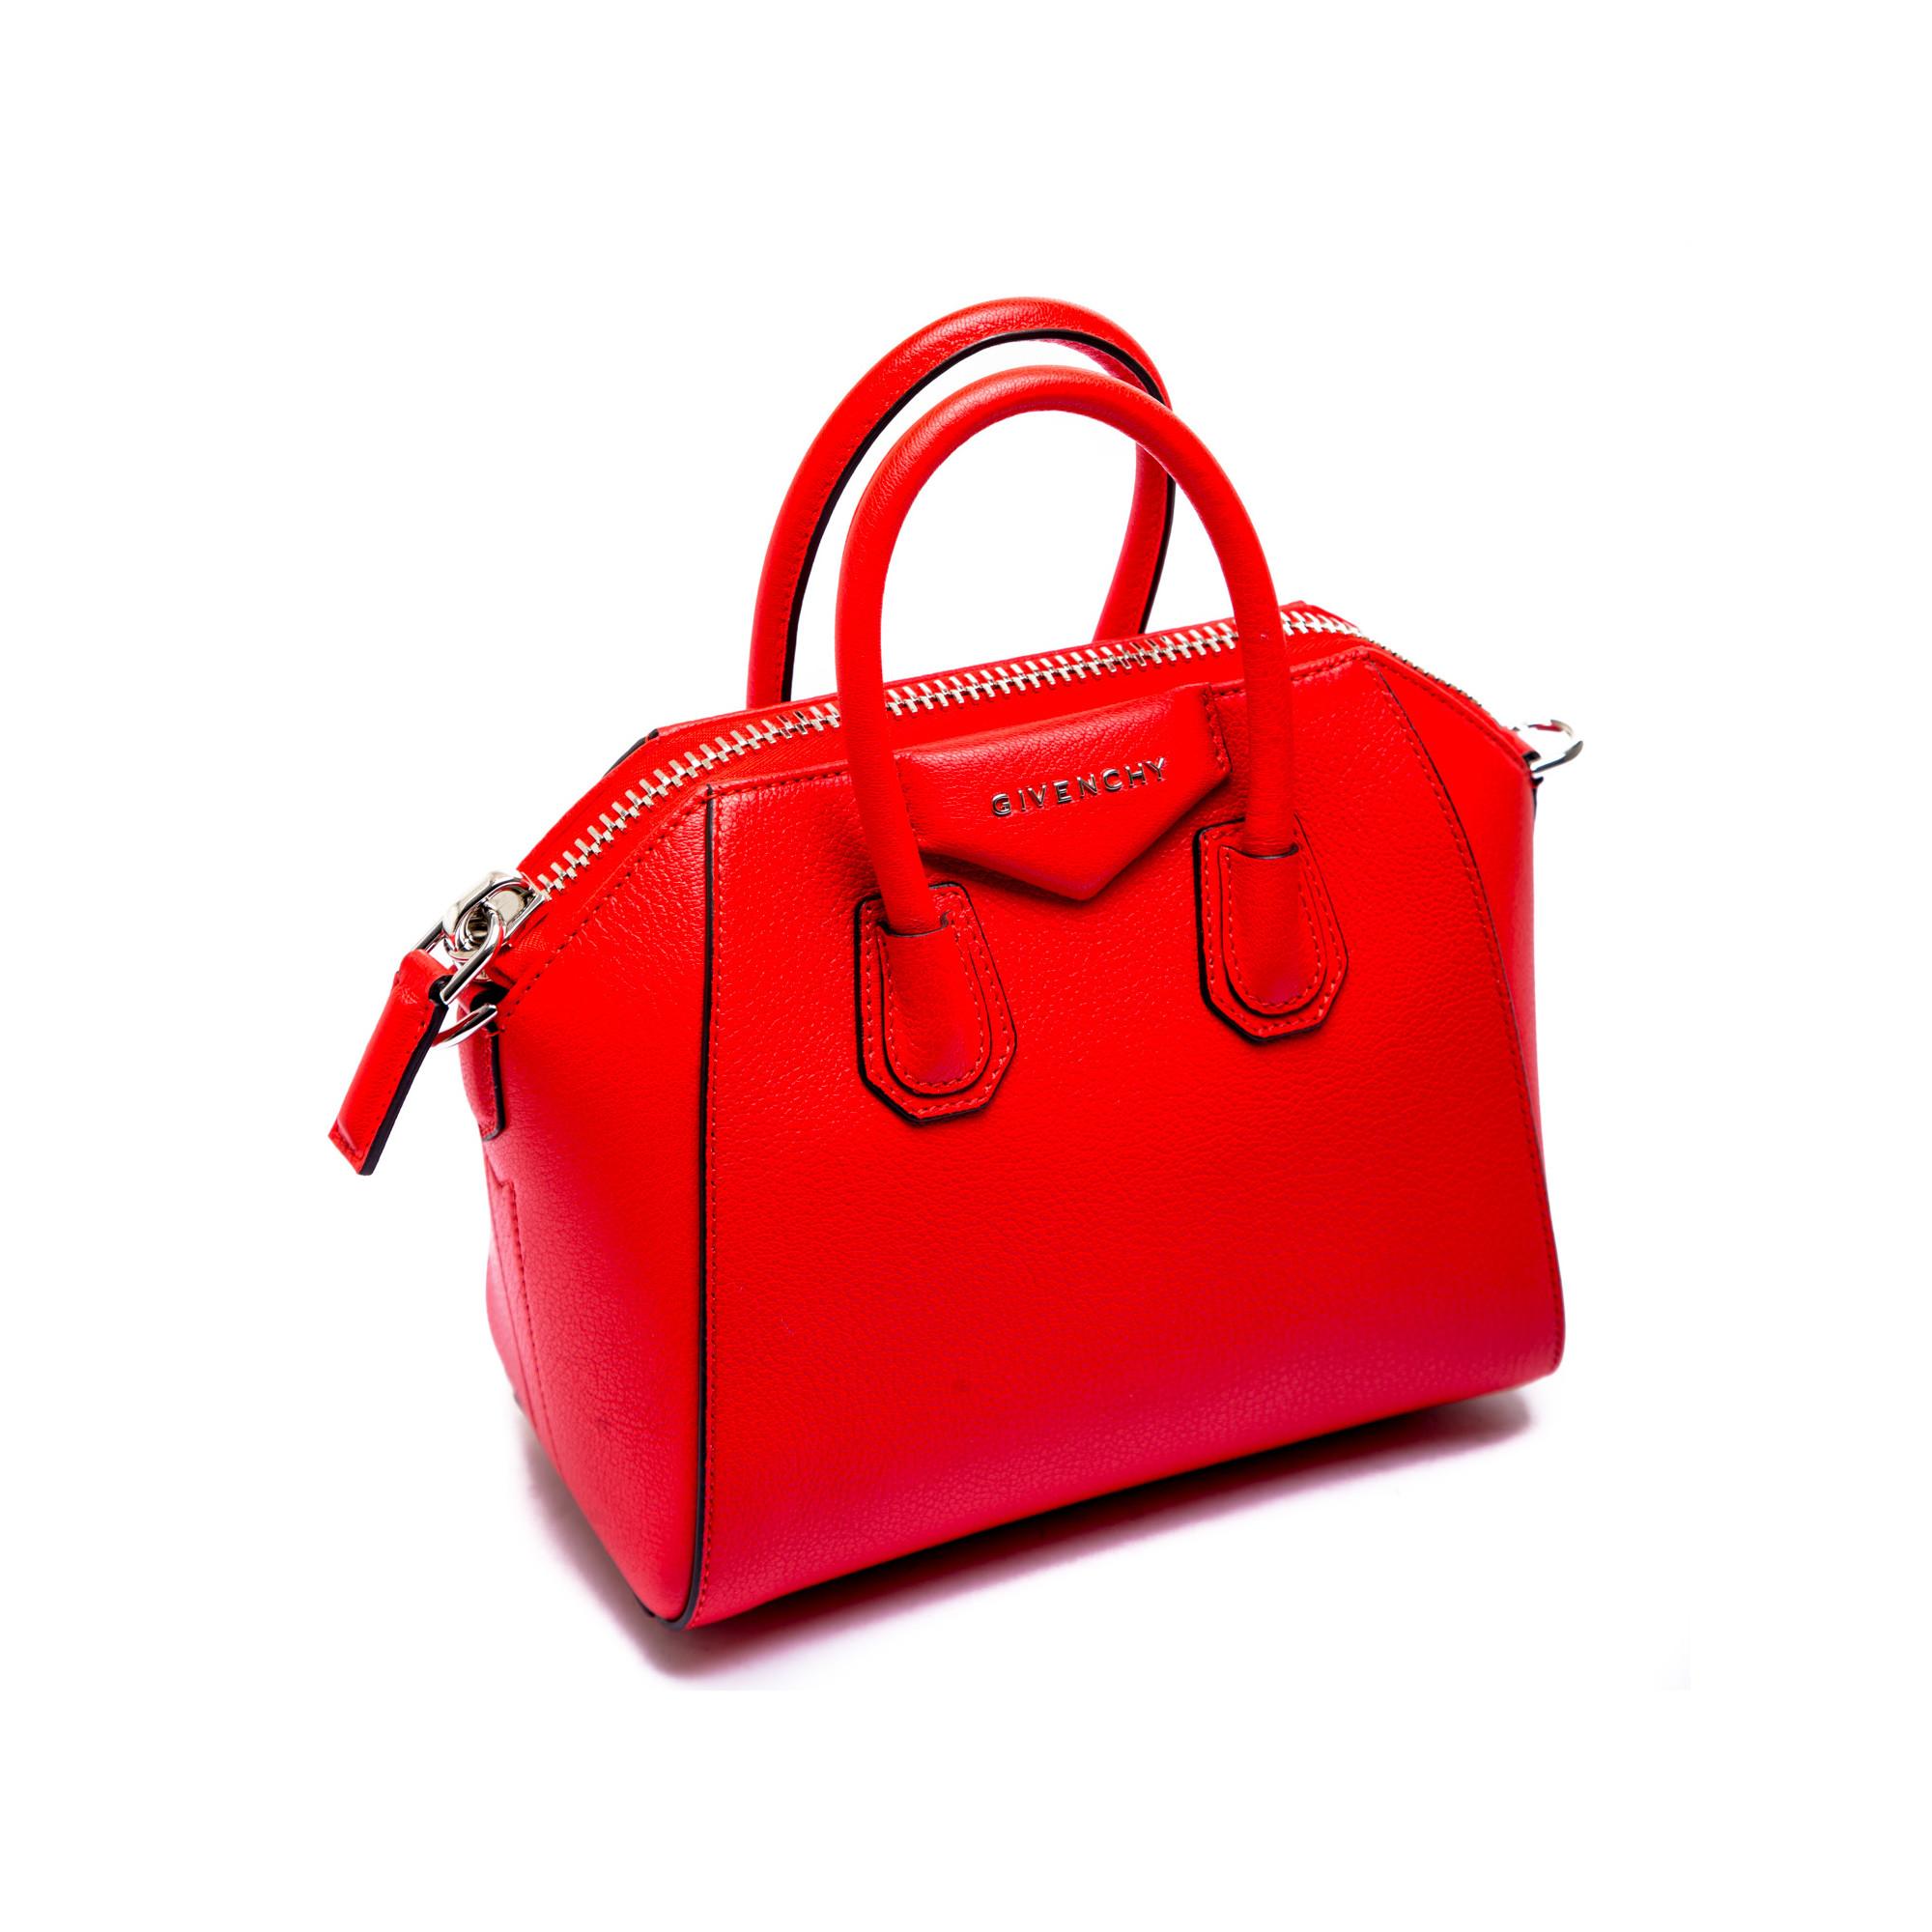 c84cdf1037 ... Givenchy antigona bag red Givenchy antigona bag red -  www.derodeloper.com - Derodeloper